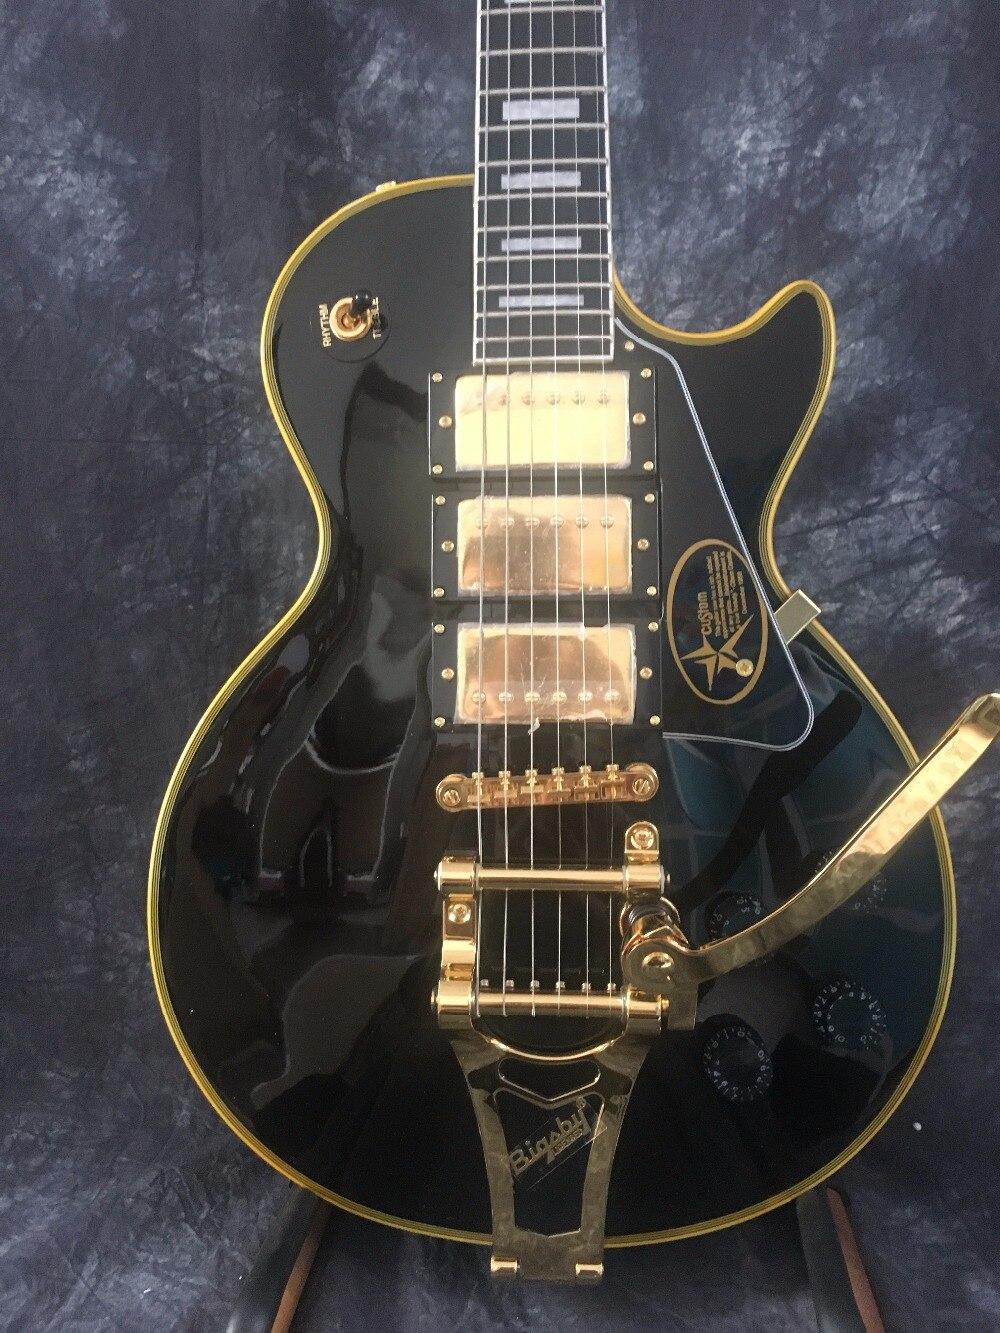 Livraison Gratuite Personnalisé Paul Noir 3 Micros Matériel D'or Guitare Électrique avec Bigsby